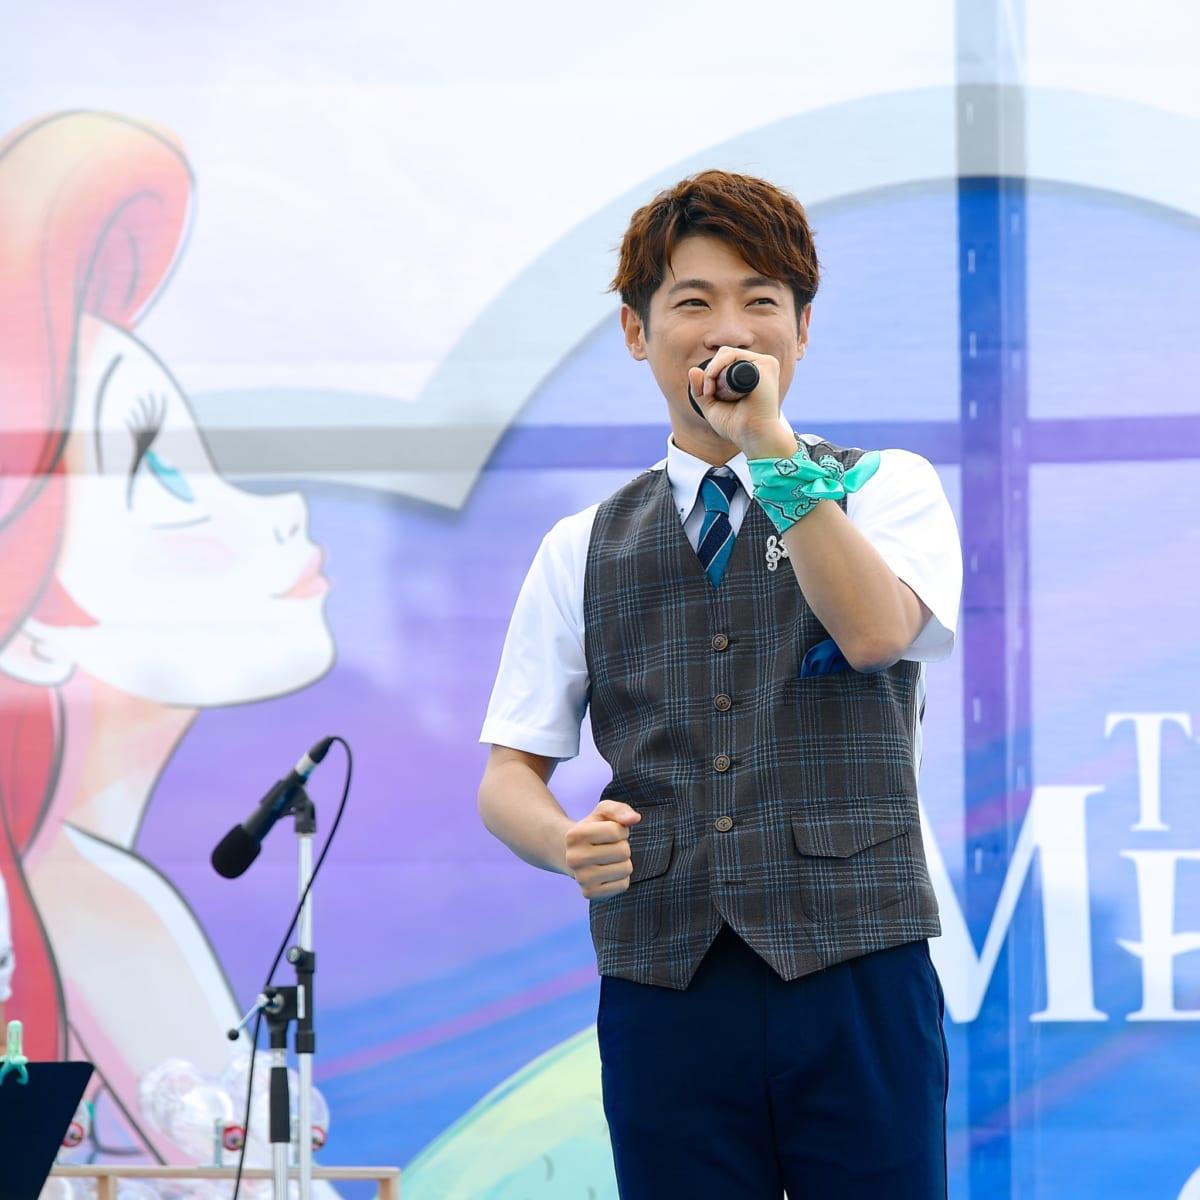 『リトル・マーメイド』30周年記念イベント 横山だいすけさん3